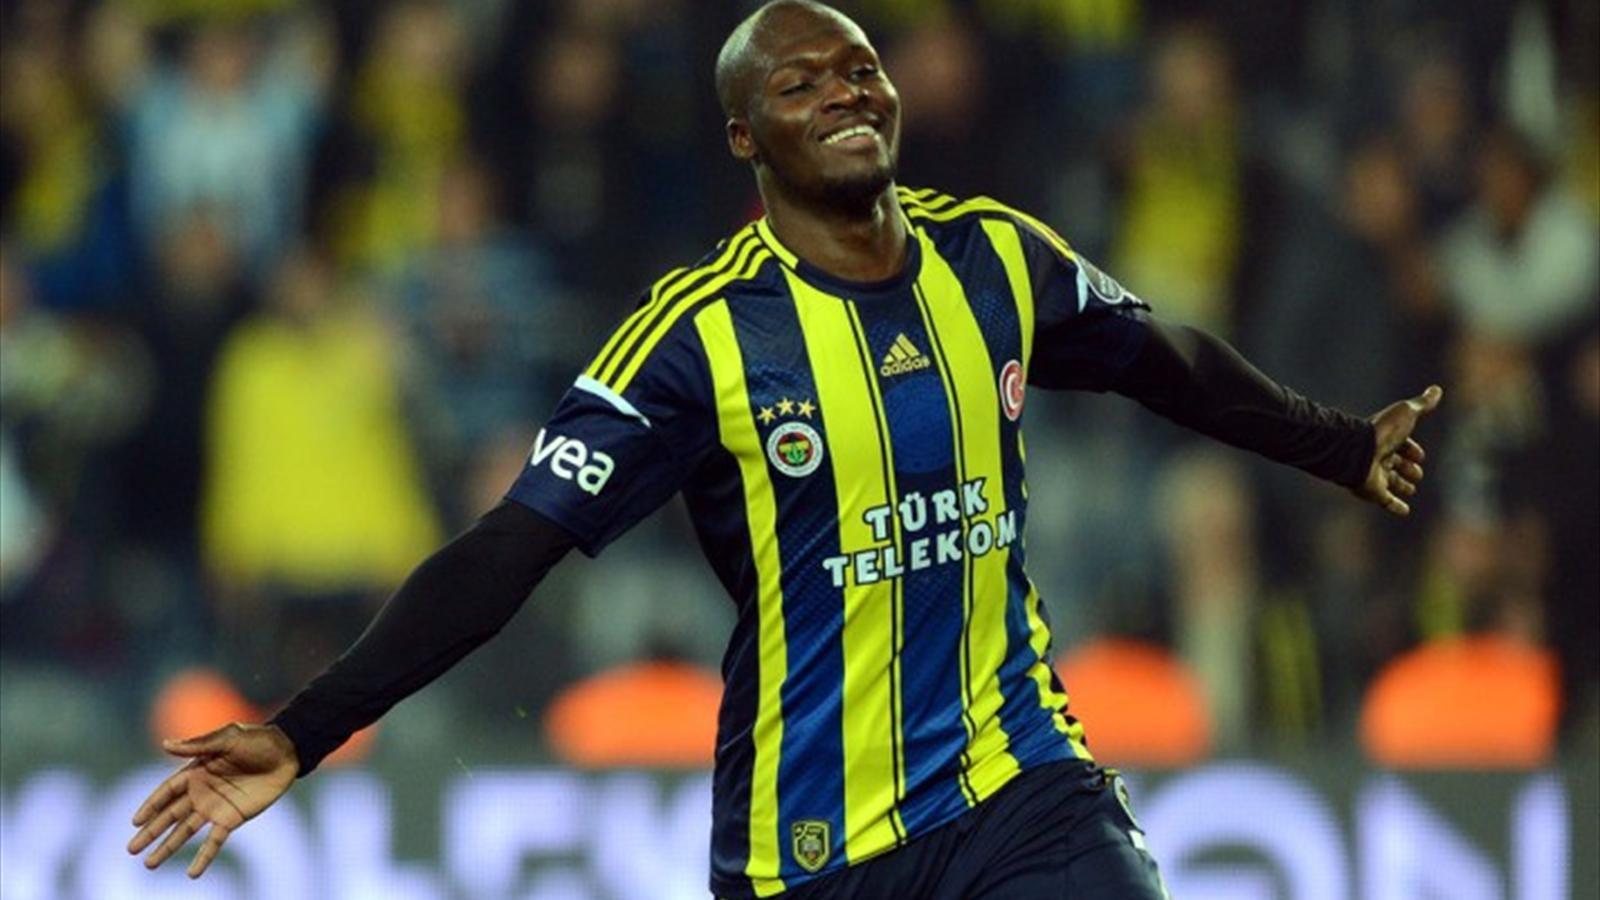 Mercato, Moussa Sow, retour, Turquie